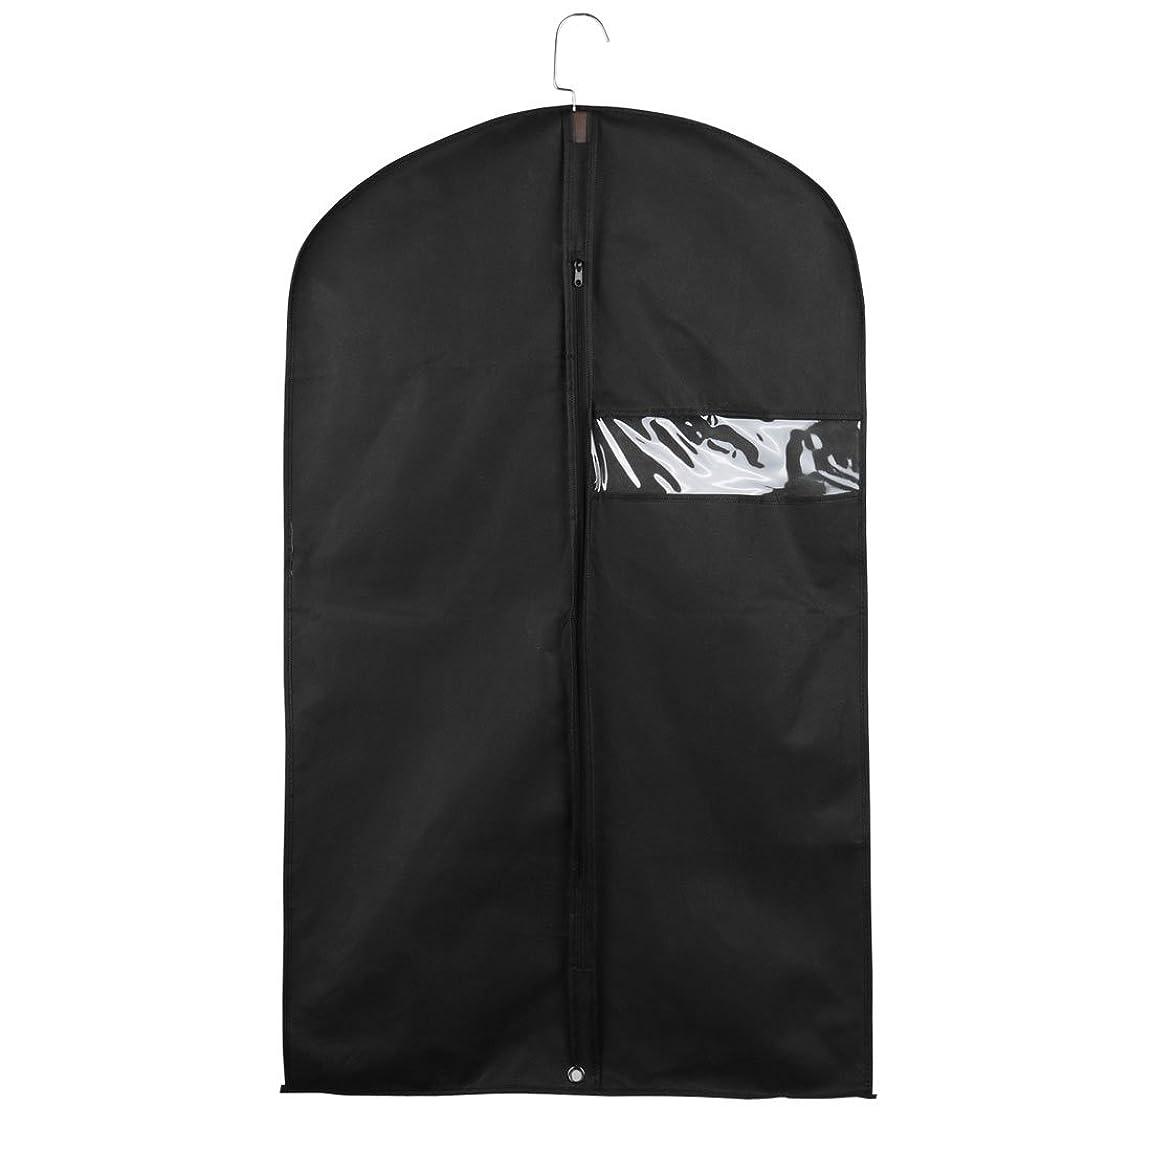 永遠の読み書きのできない計画uxcell ガーメントバッグ スーツバッグ ガーメントカバー スーツキャリア スーツカバー ドレスバッグ ブラック